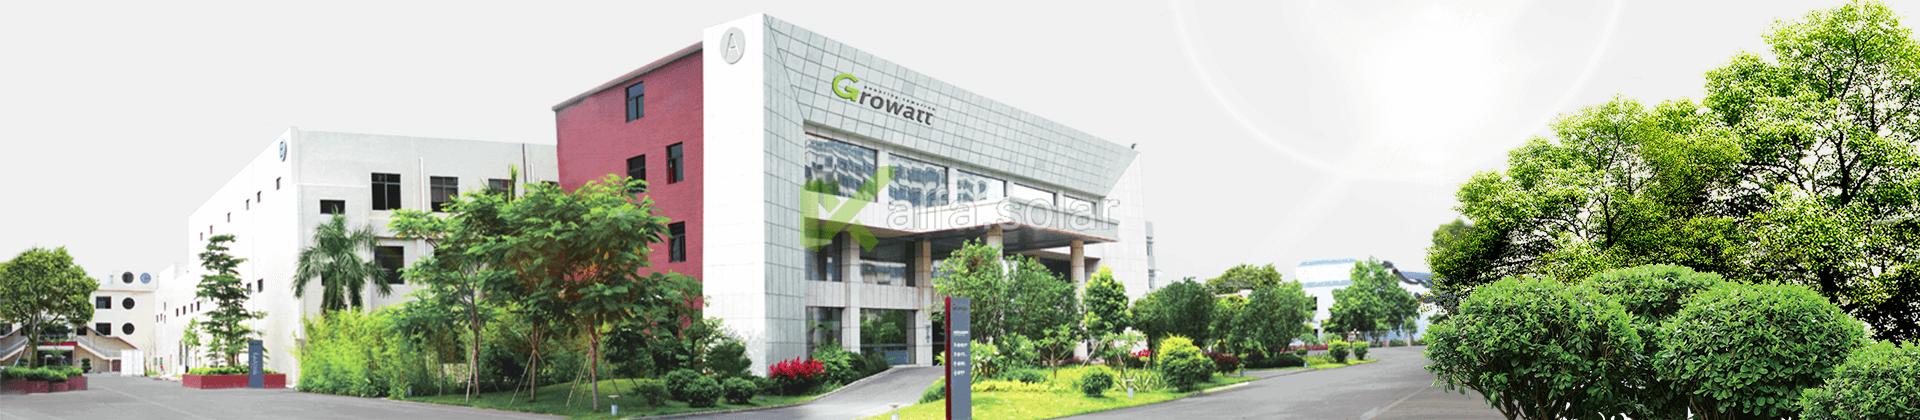 Growatt factory